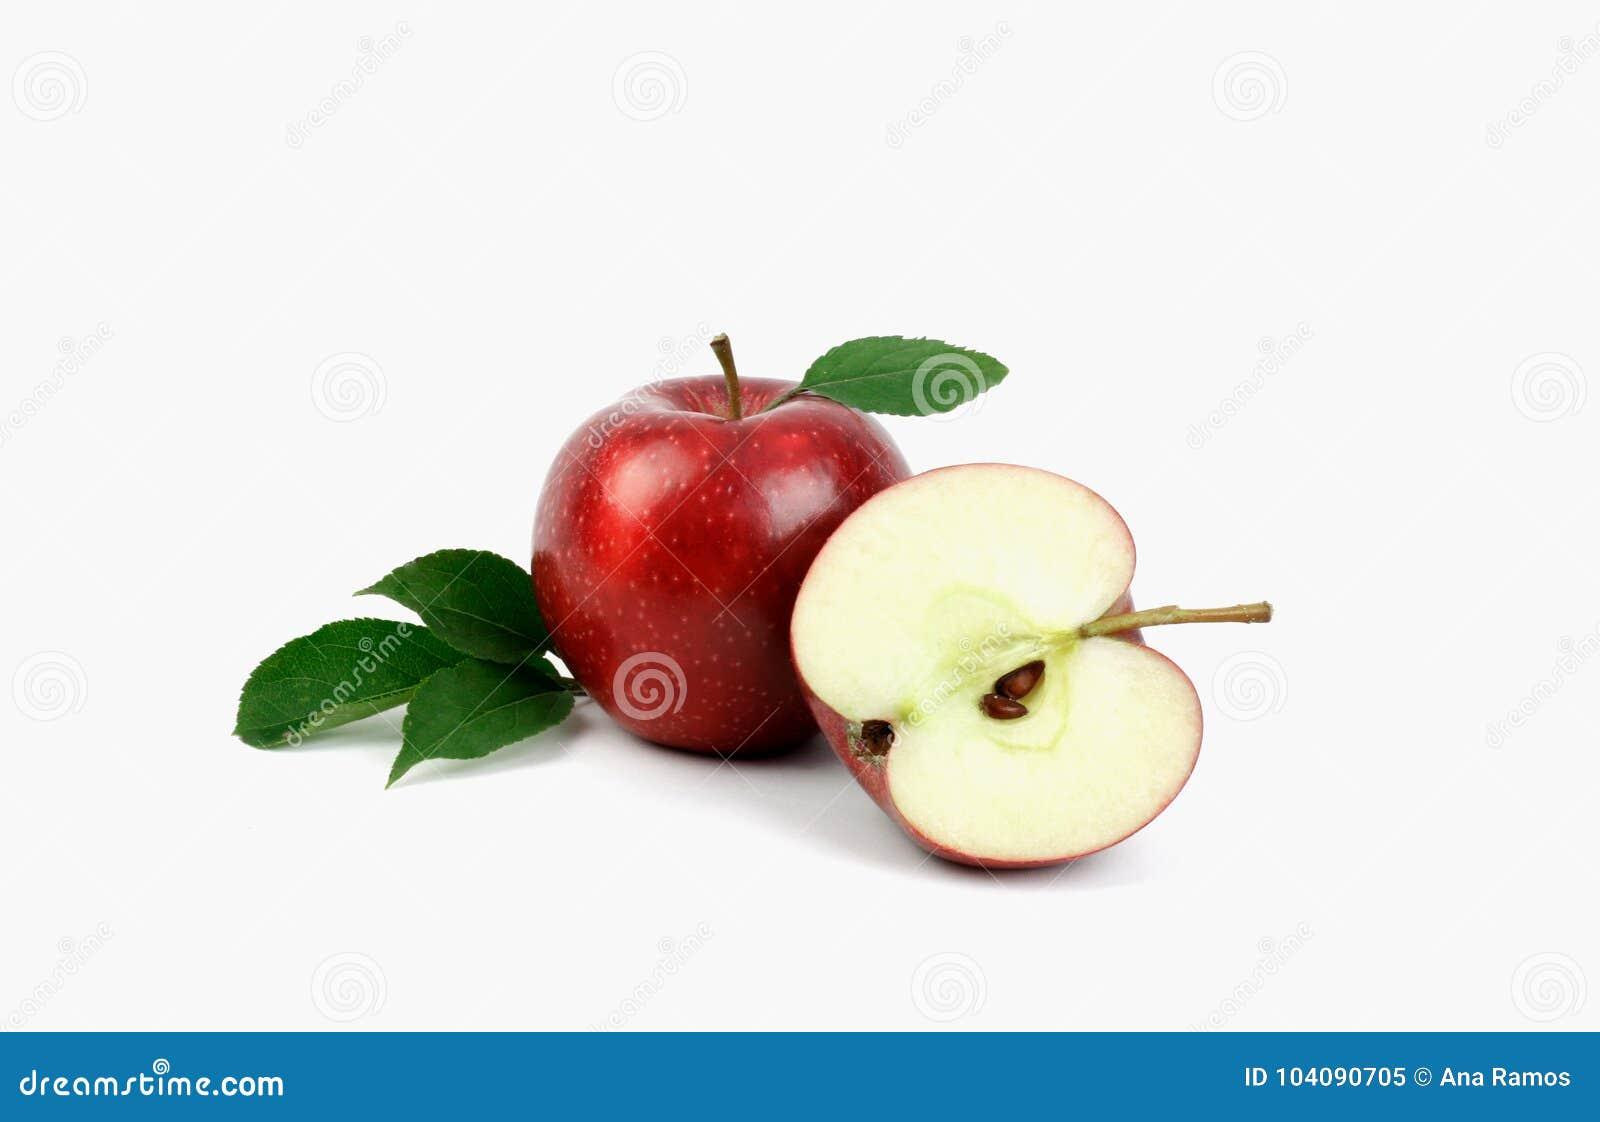 Fruta roja madura de la manzana con la mitad de la manzana y la hoja verde de la manzana aisladas en el fondo blanco